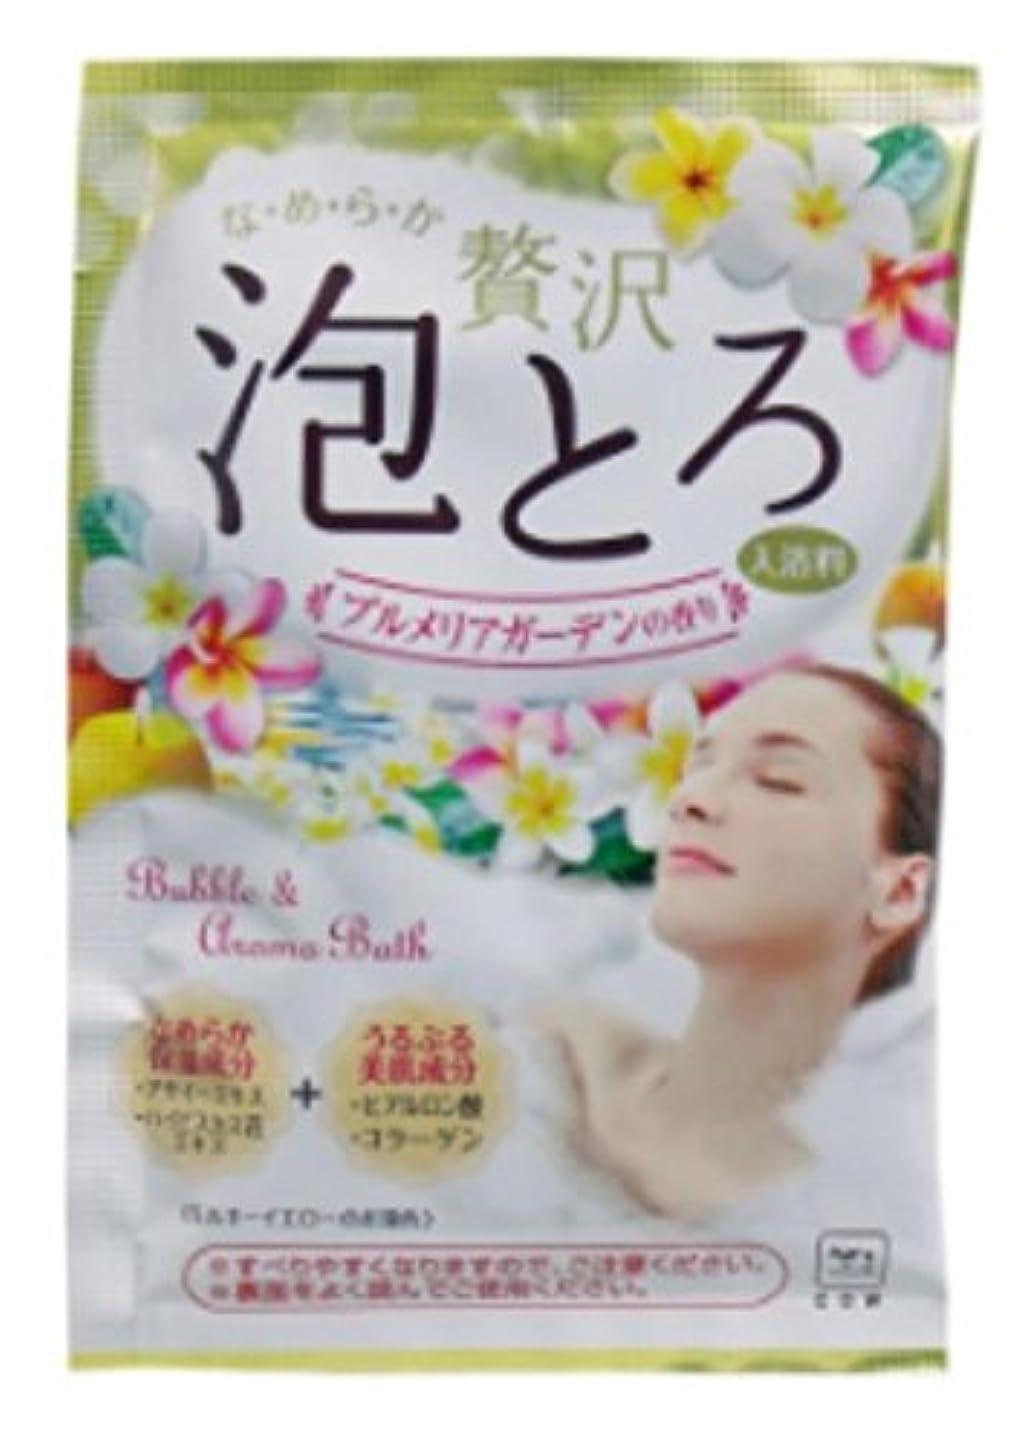 望み孤児軍艦牛乳石鹸共進社 お湯物語 贅沢泡とろ 入浴料 プルメリアガーデンの香り 30g 3個セット